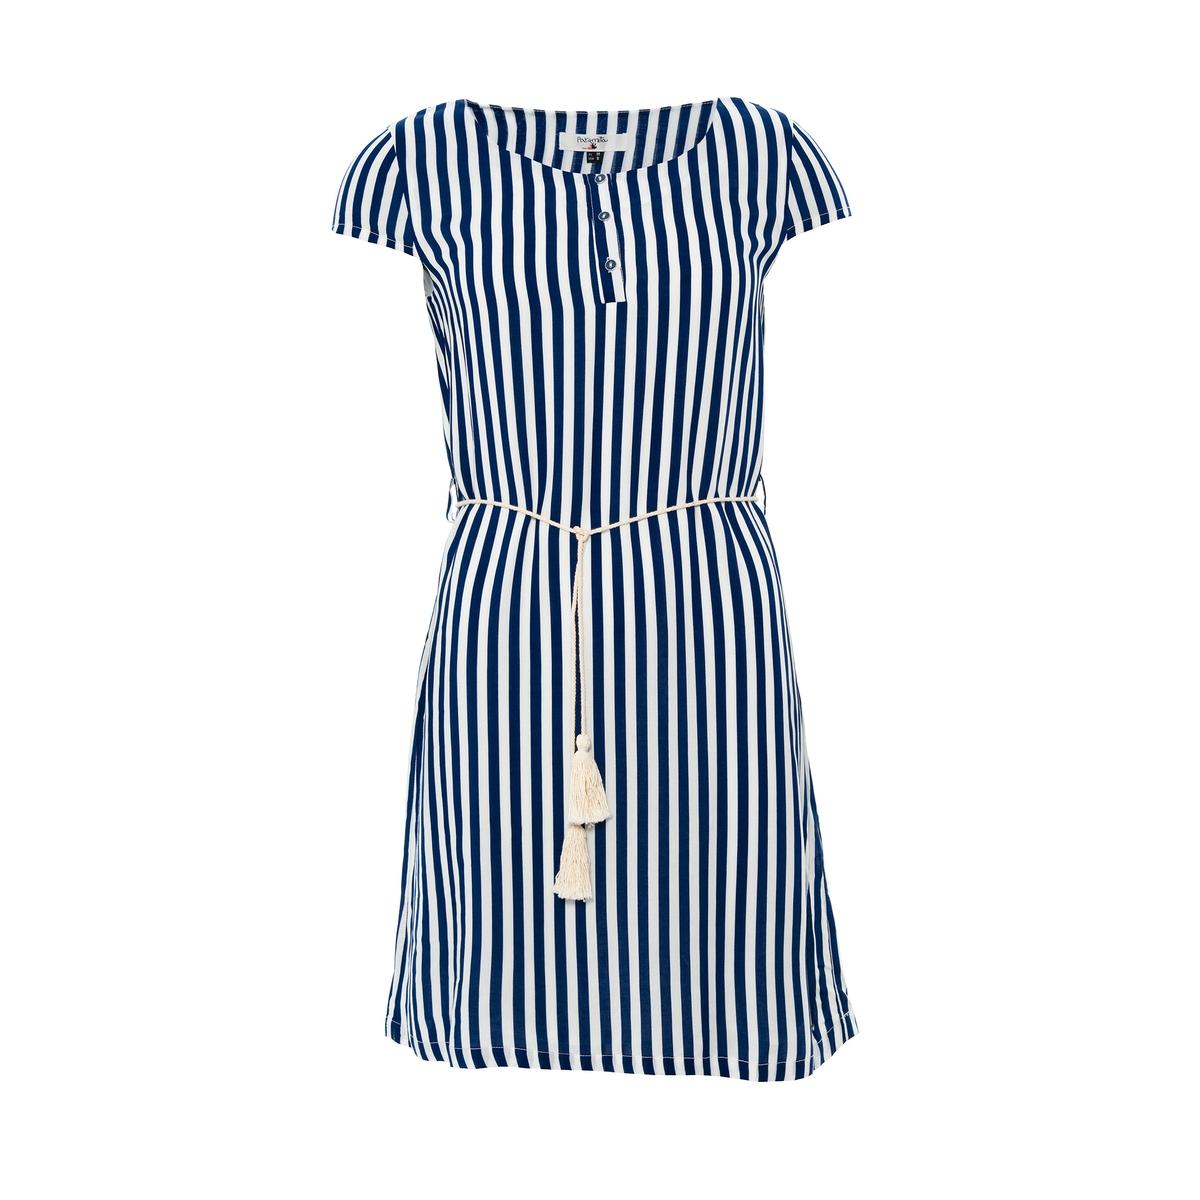 Платье с короткими рукавами в полоску и круглым вырезом, PARAMITAСостав и описание :Материал : 100% вискозыМарка : PARAMITA<br><br>Цвет: в бело-синюю полоску<br>Размер: M